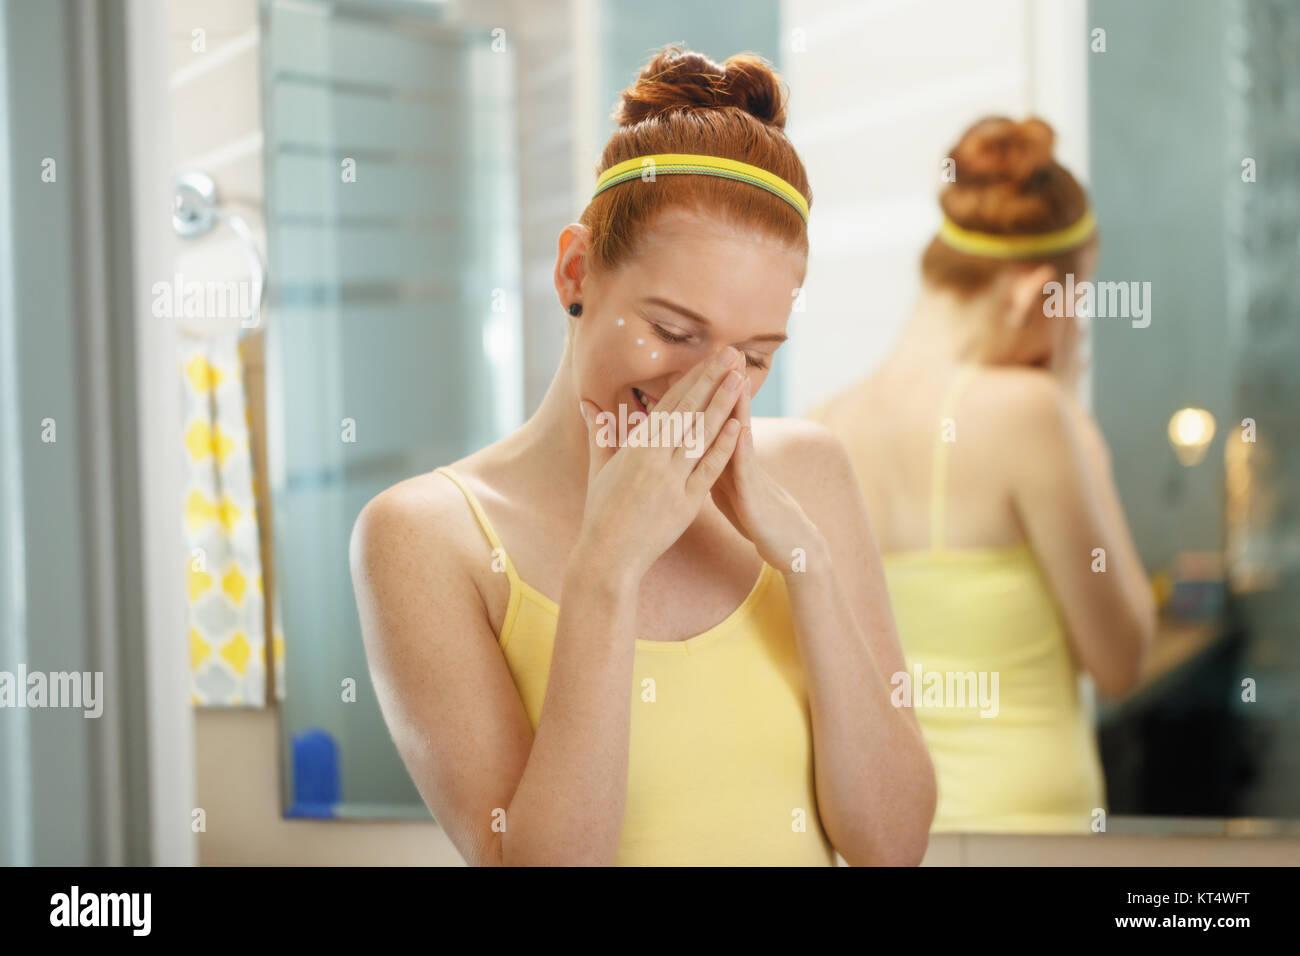 Rothaarige Mädchen Anwendung beauty Creme in home Bad am Morgen. Junge Frau kümmert sich um Ihre Haut, suchen und Stockfoto